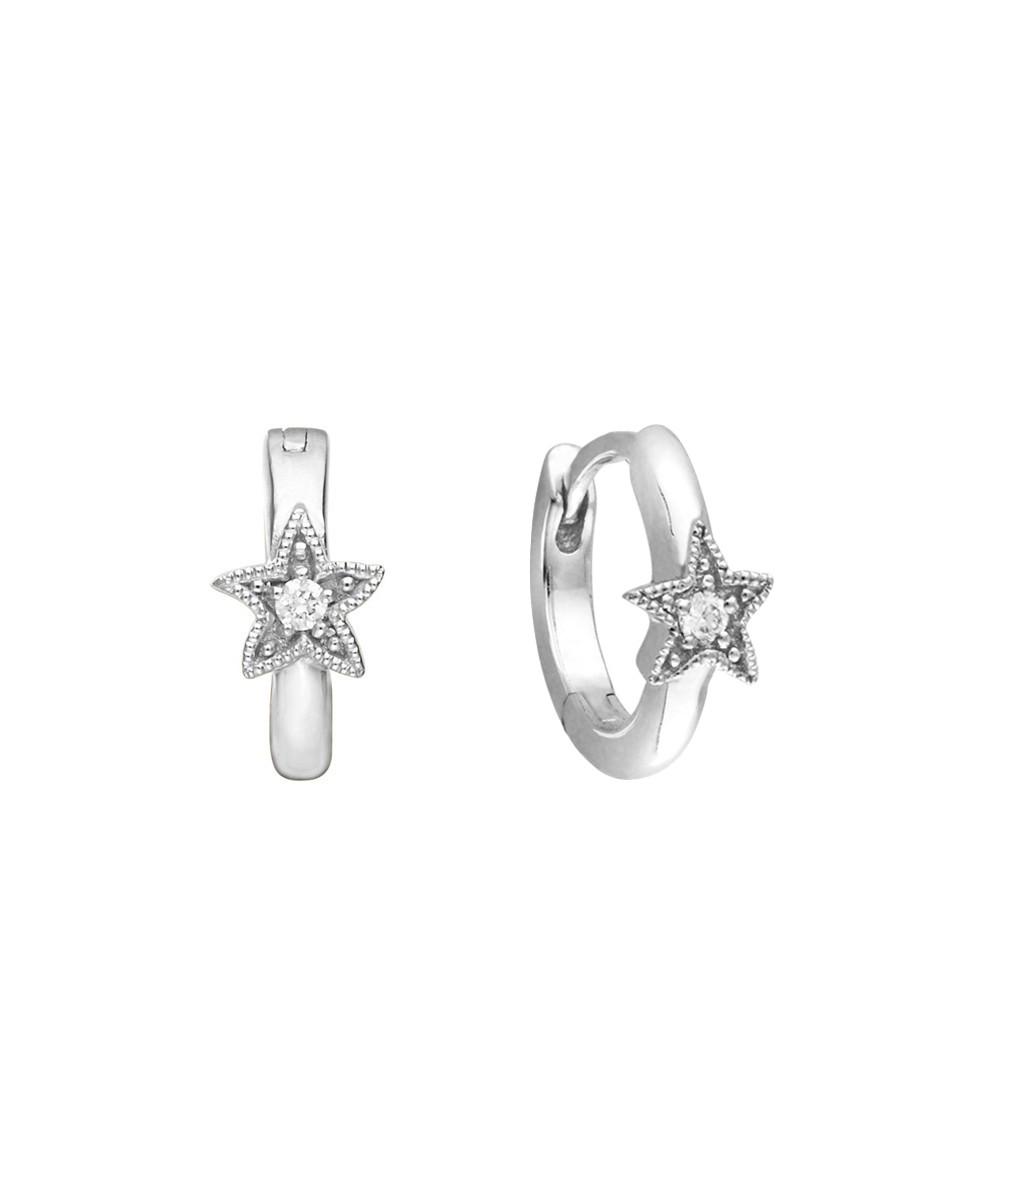 STELLA MC CARTNEY - Mini Créole Petite Étoile Or Diamants (vendue à l'unité)